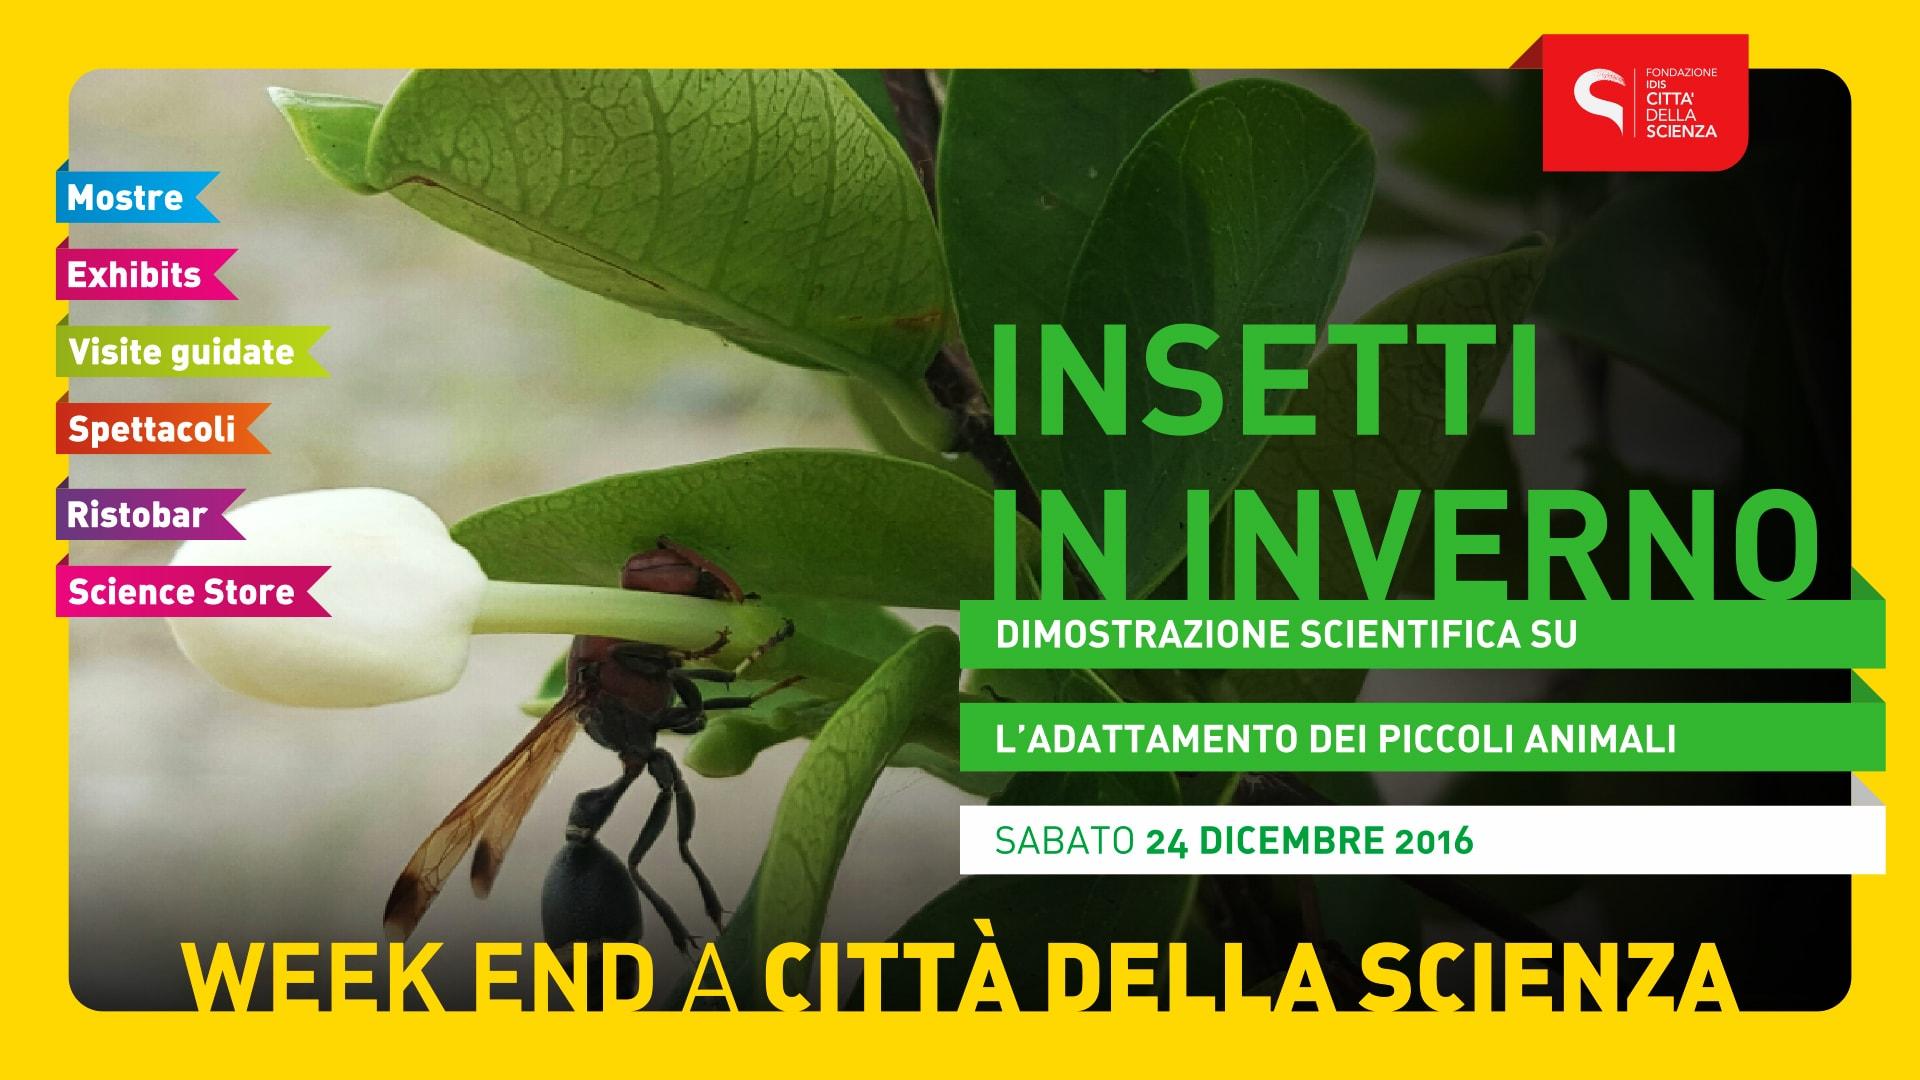 INSETTI_IN_INVERNO